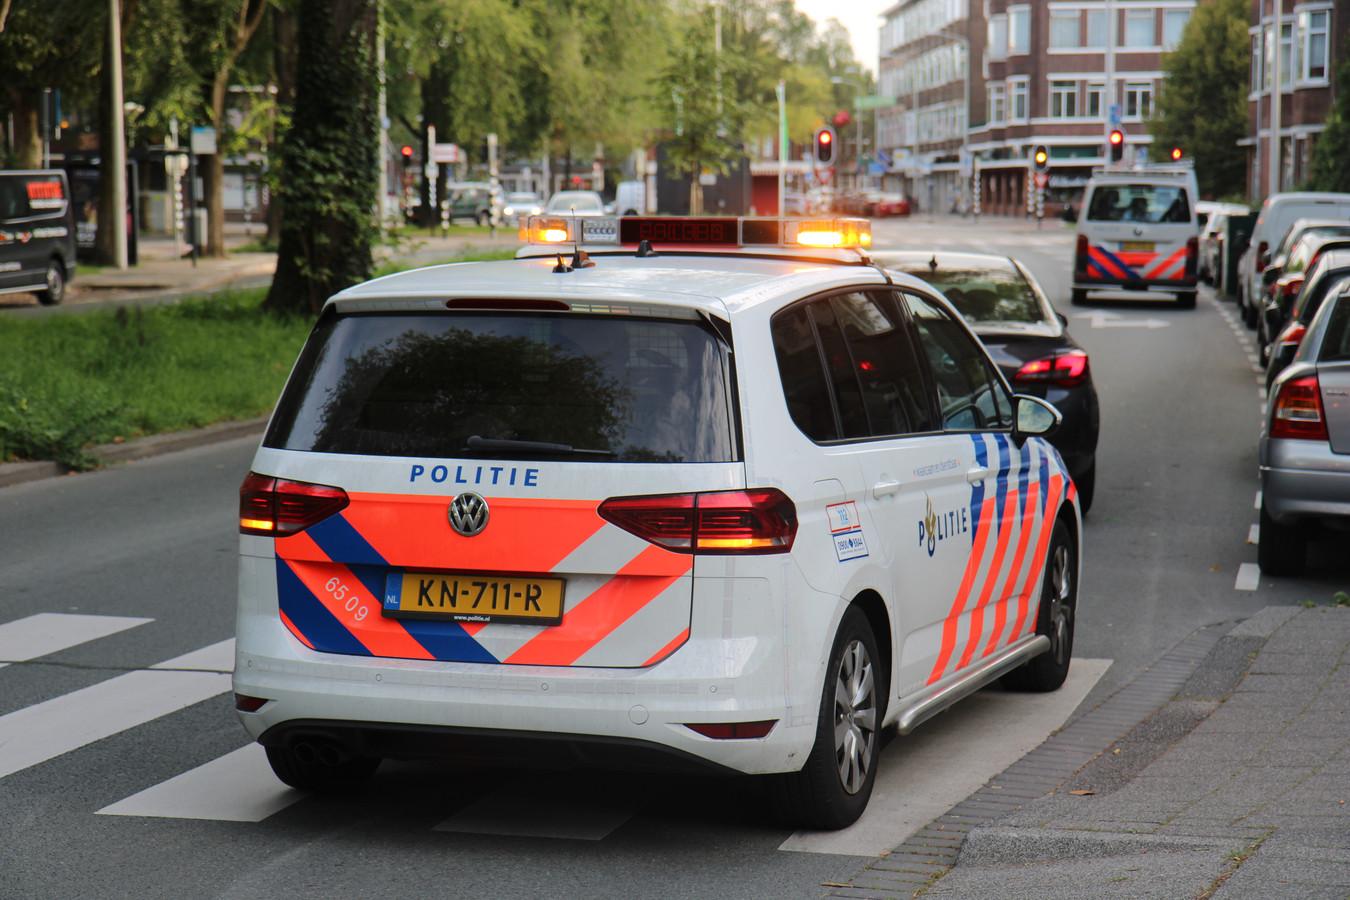 Agenten kregen zondagochtend een melding van mogelijk steekincident Den Haag Albardastraat. In een woning daar treffen zij een overleden persoon aan.